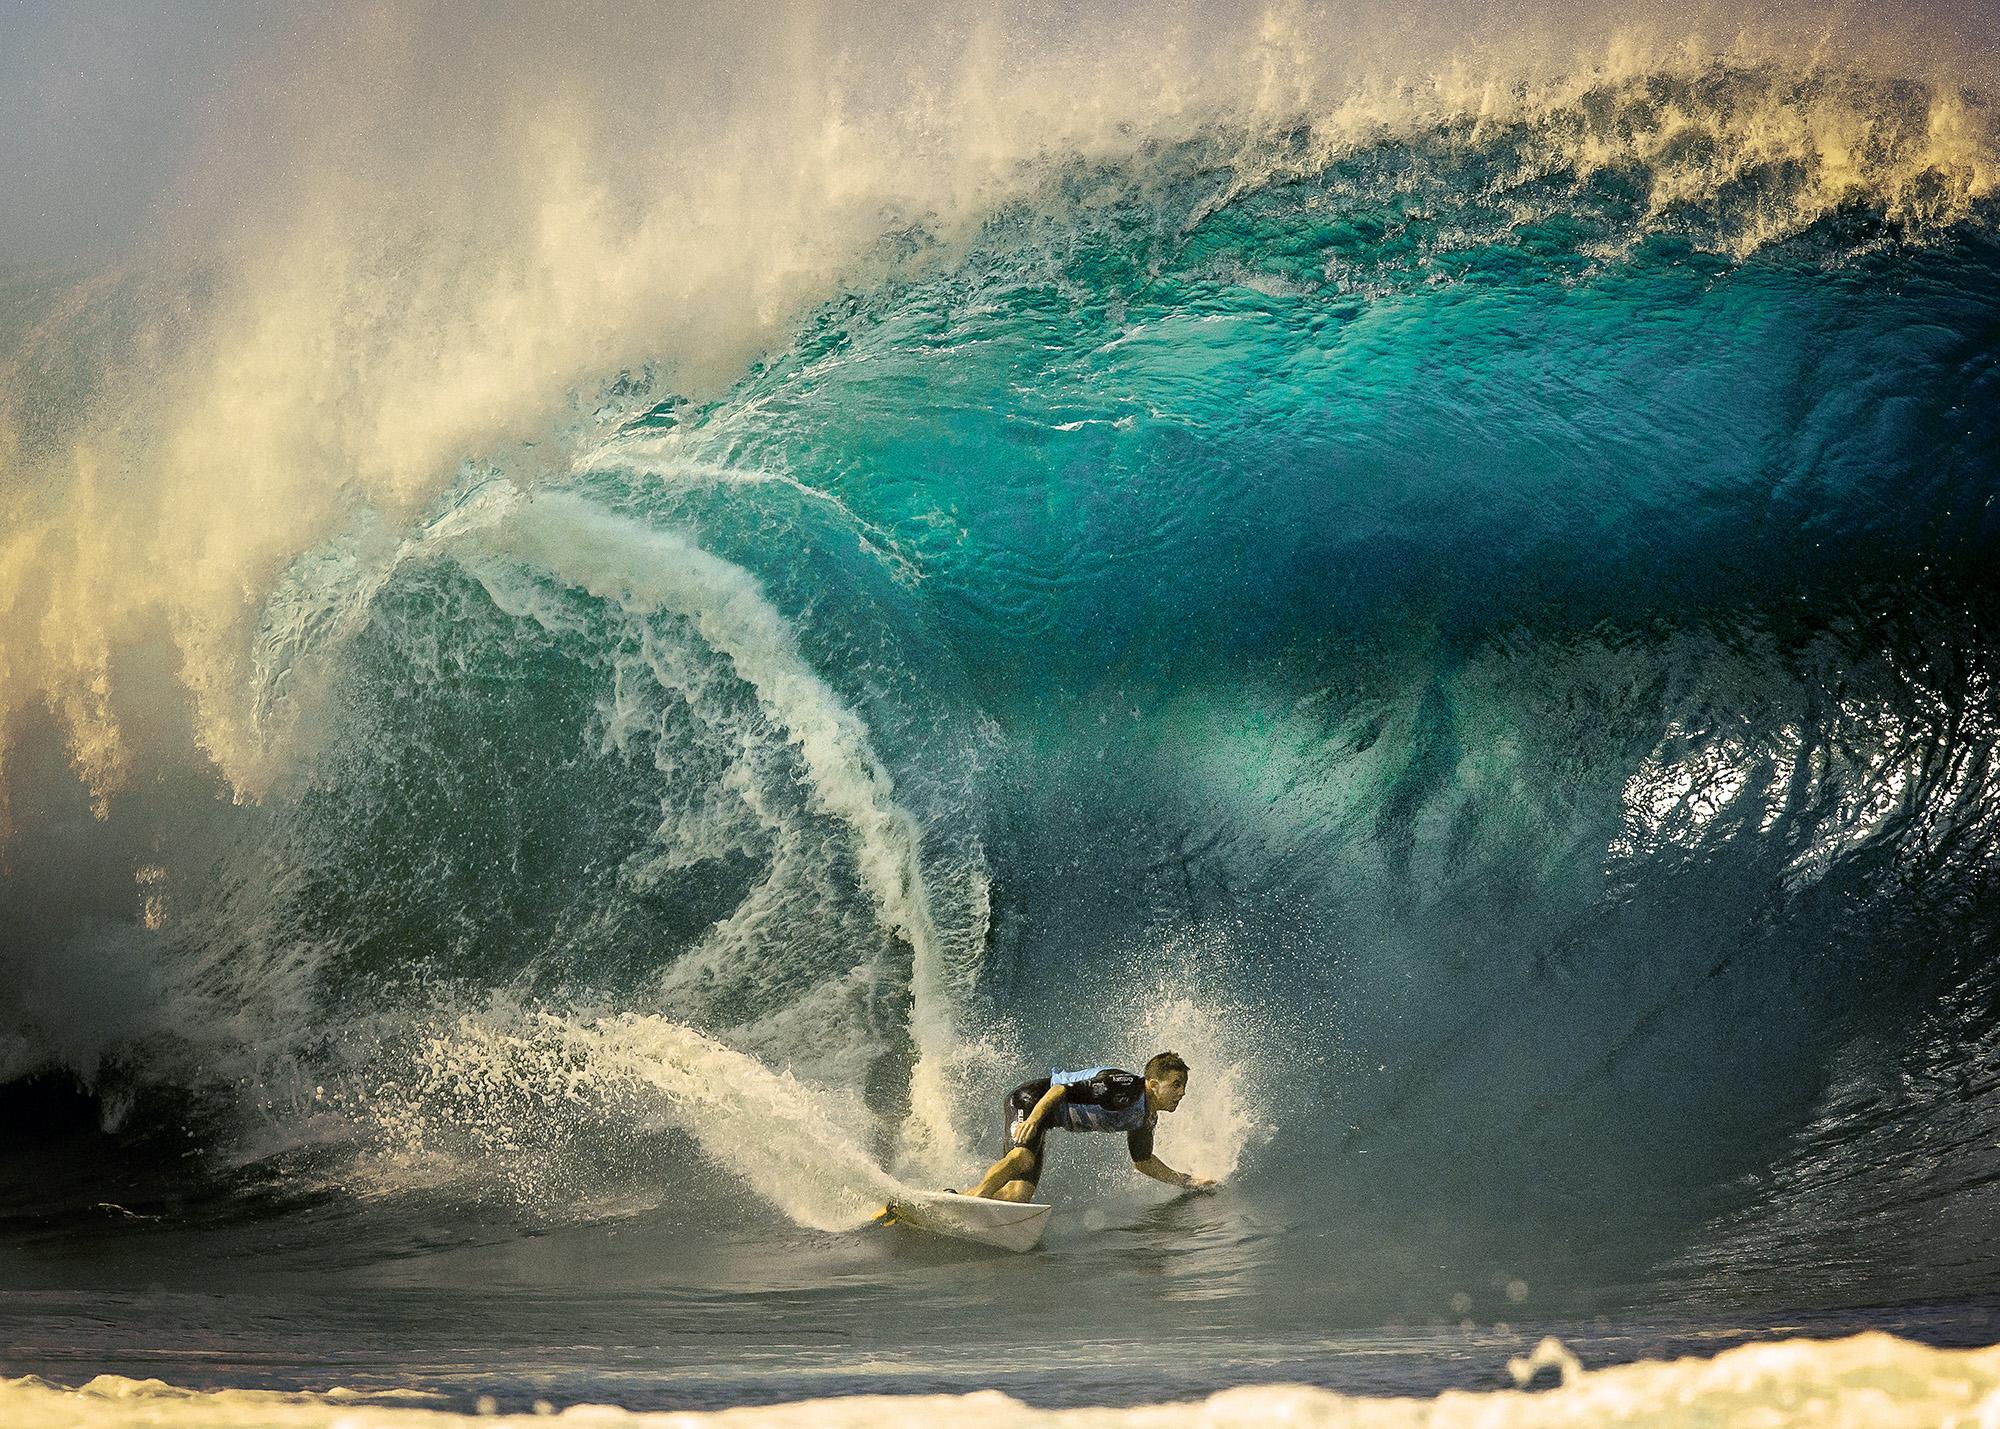 Man turning on surfboard